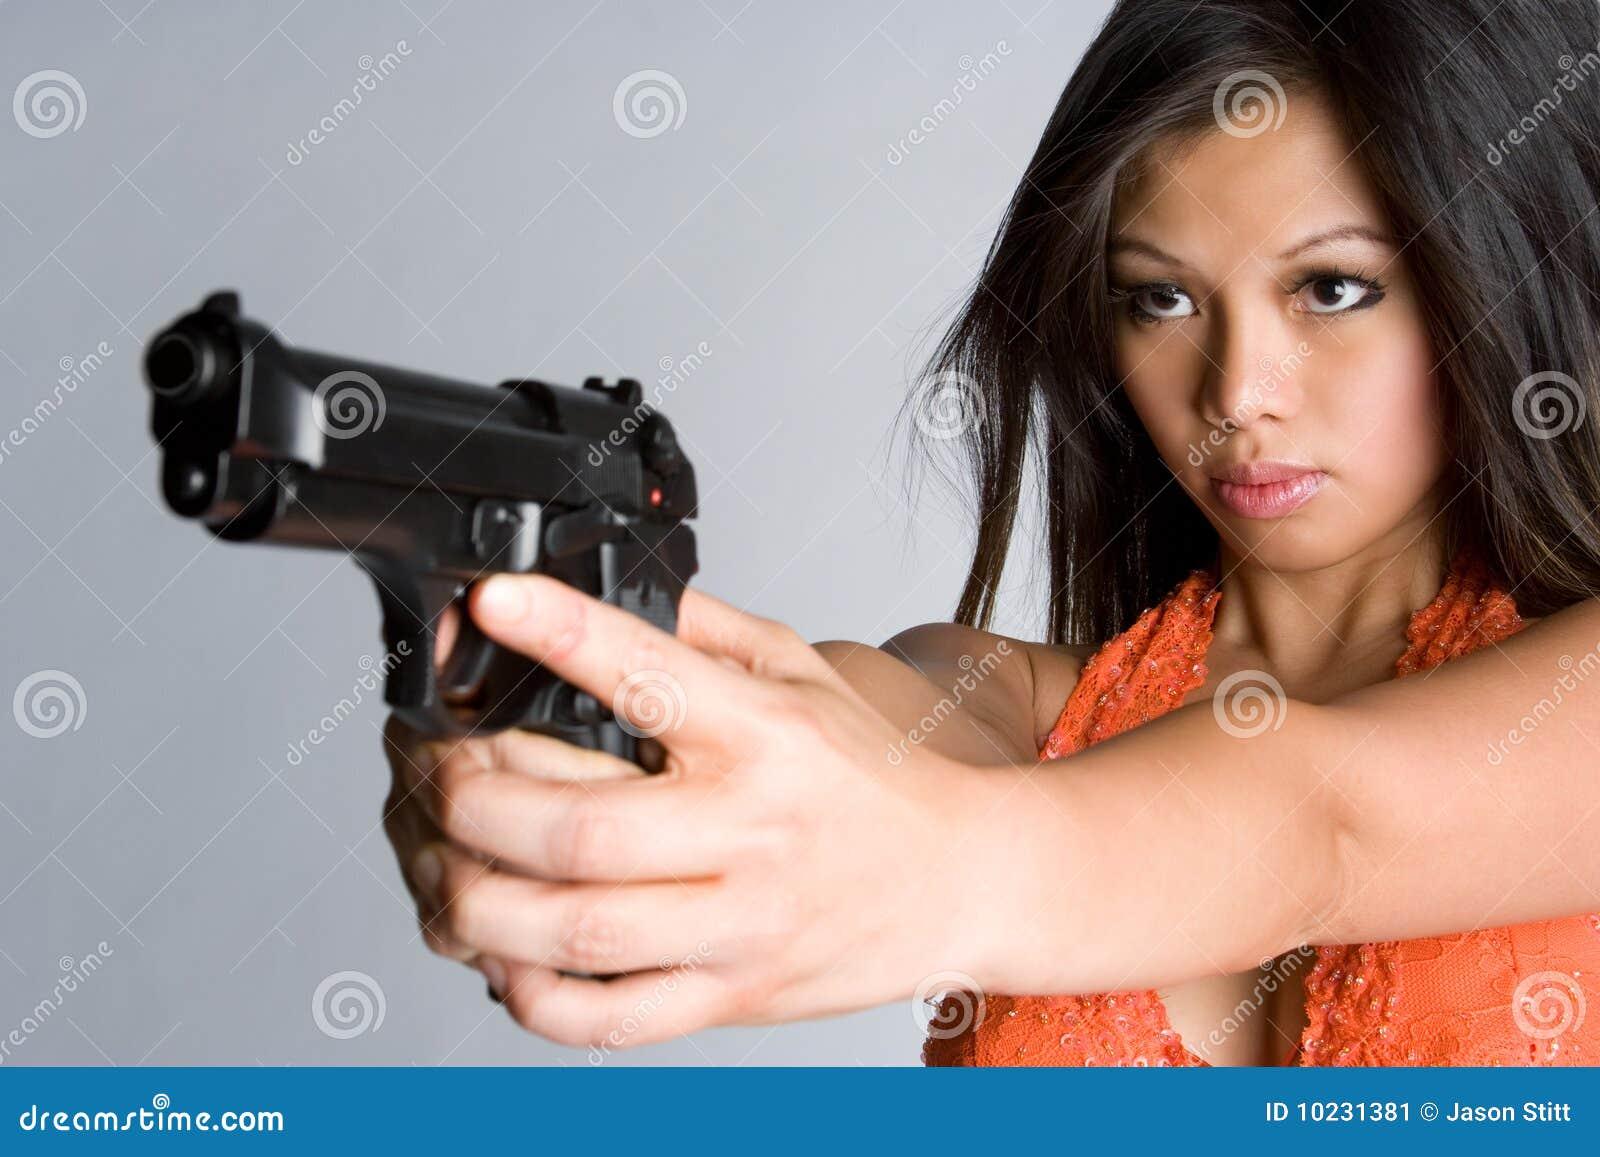 πυροβόλο όπλο που δείχν&epsil